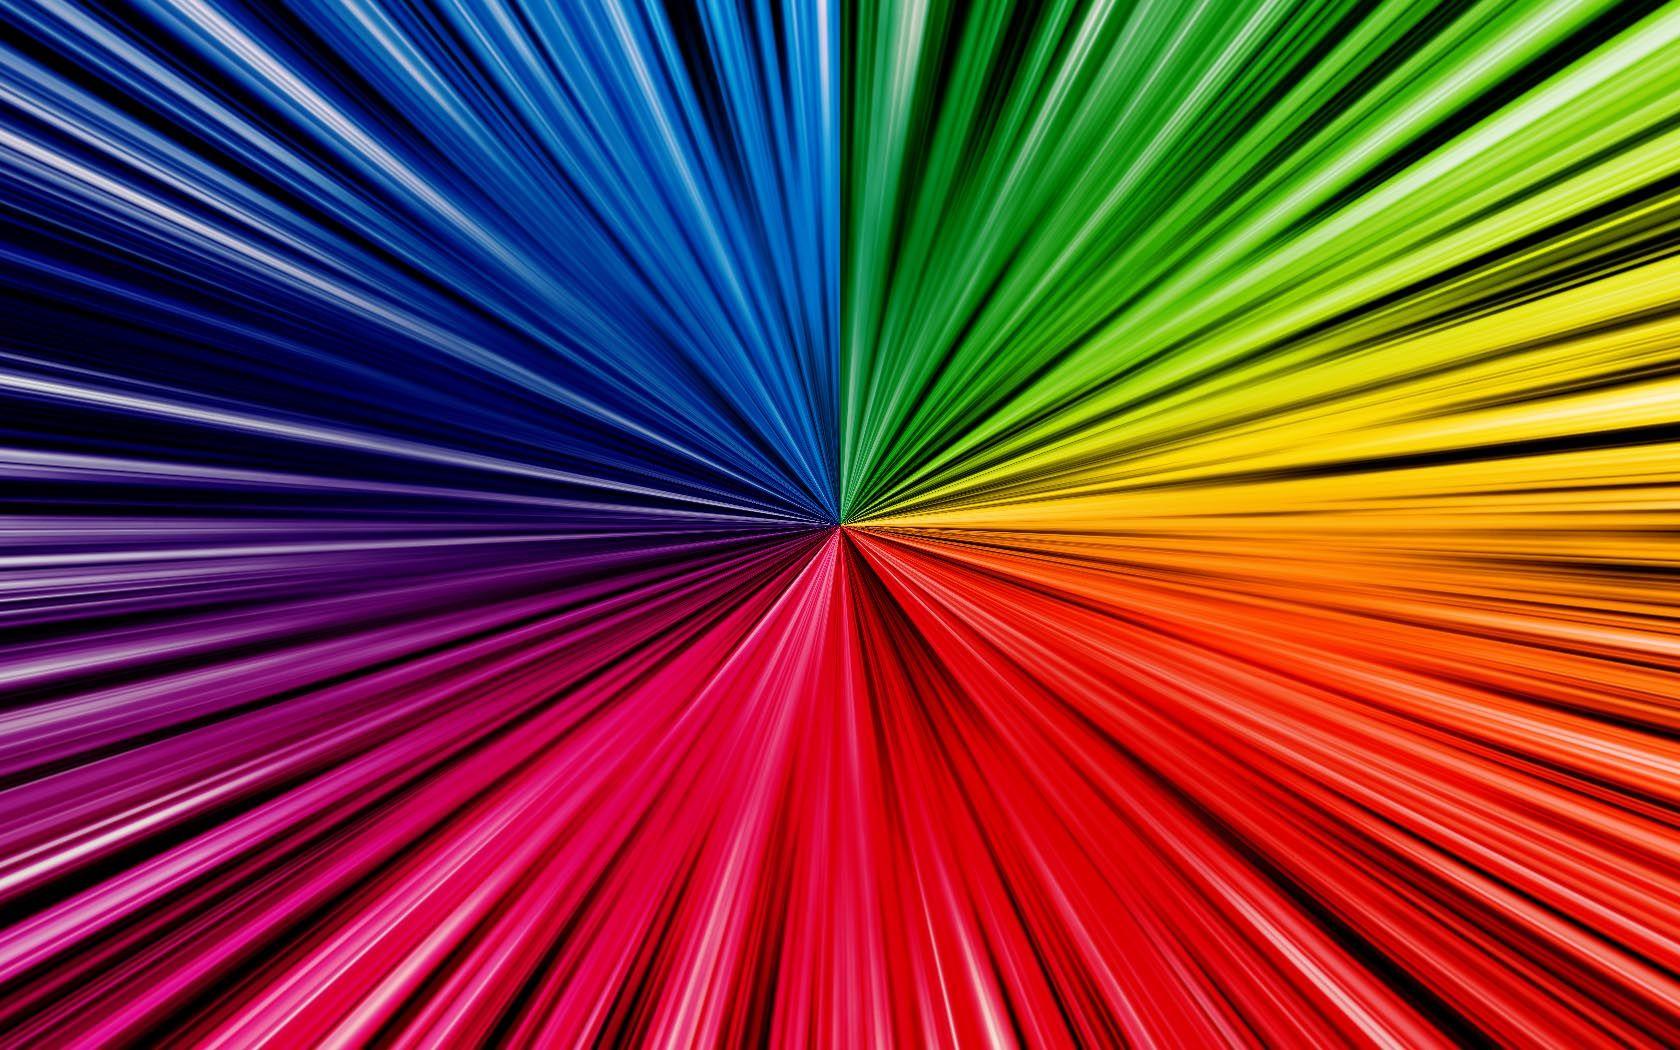 Art Element Colour Image 5 Of 6